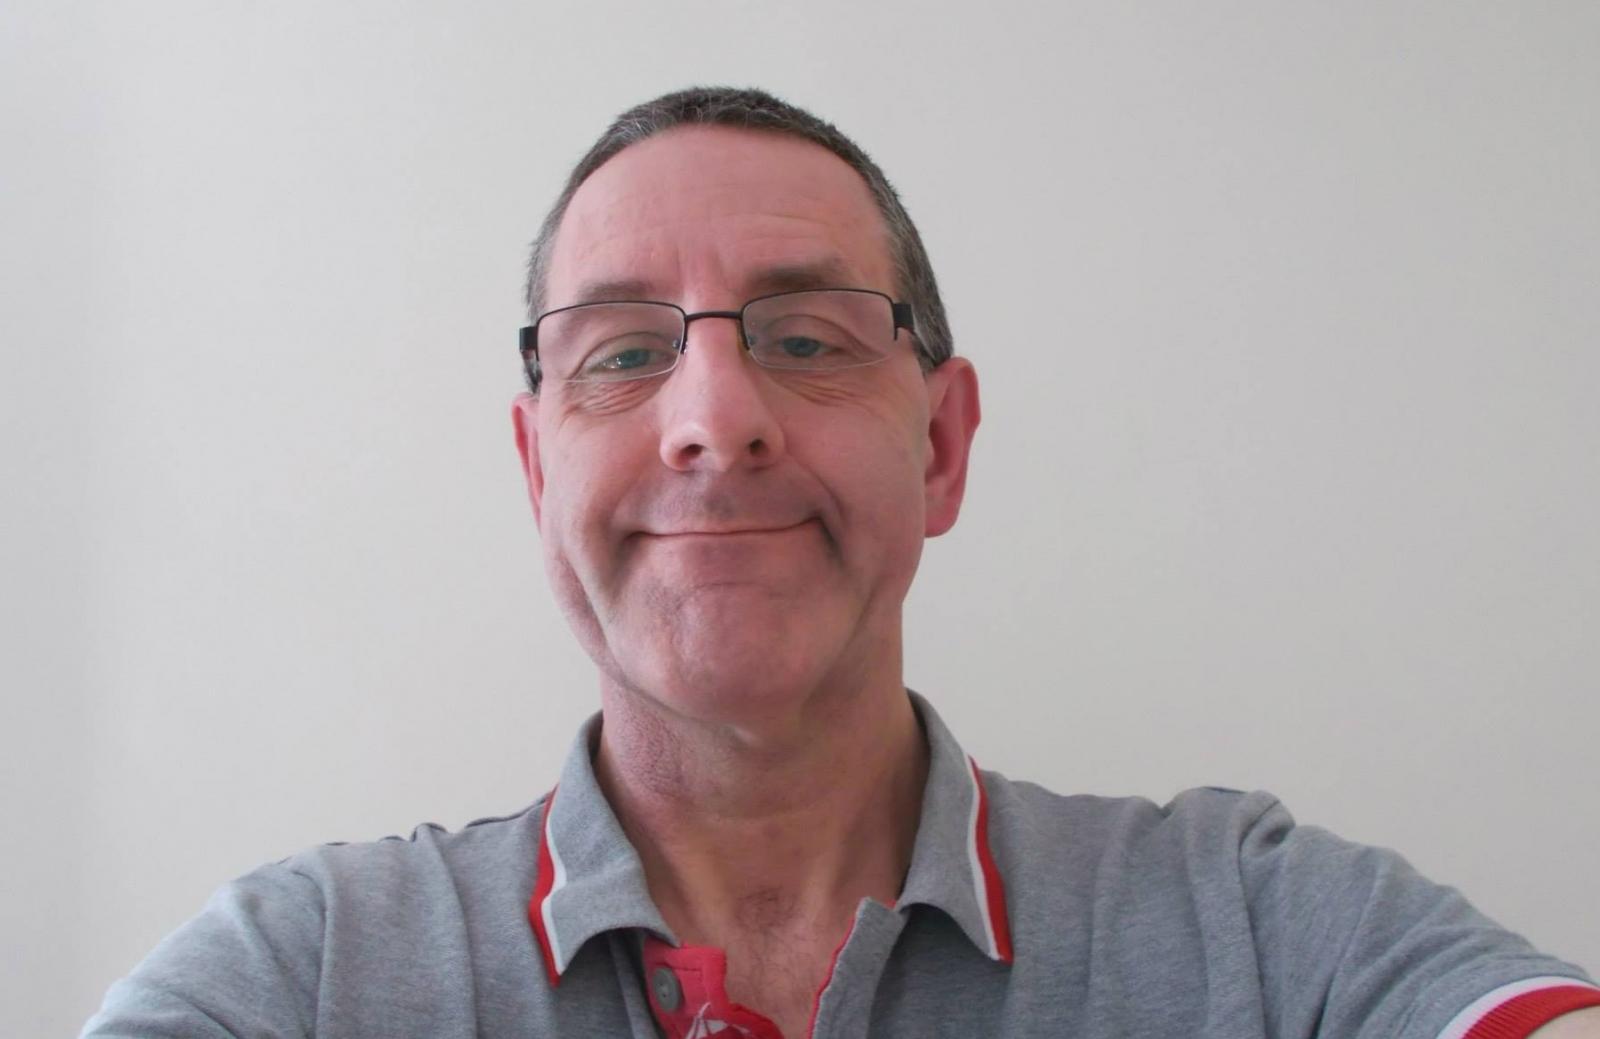 Ian Doney